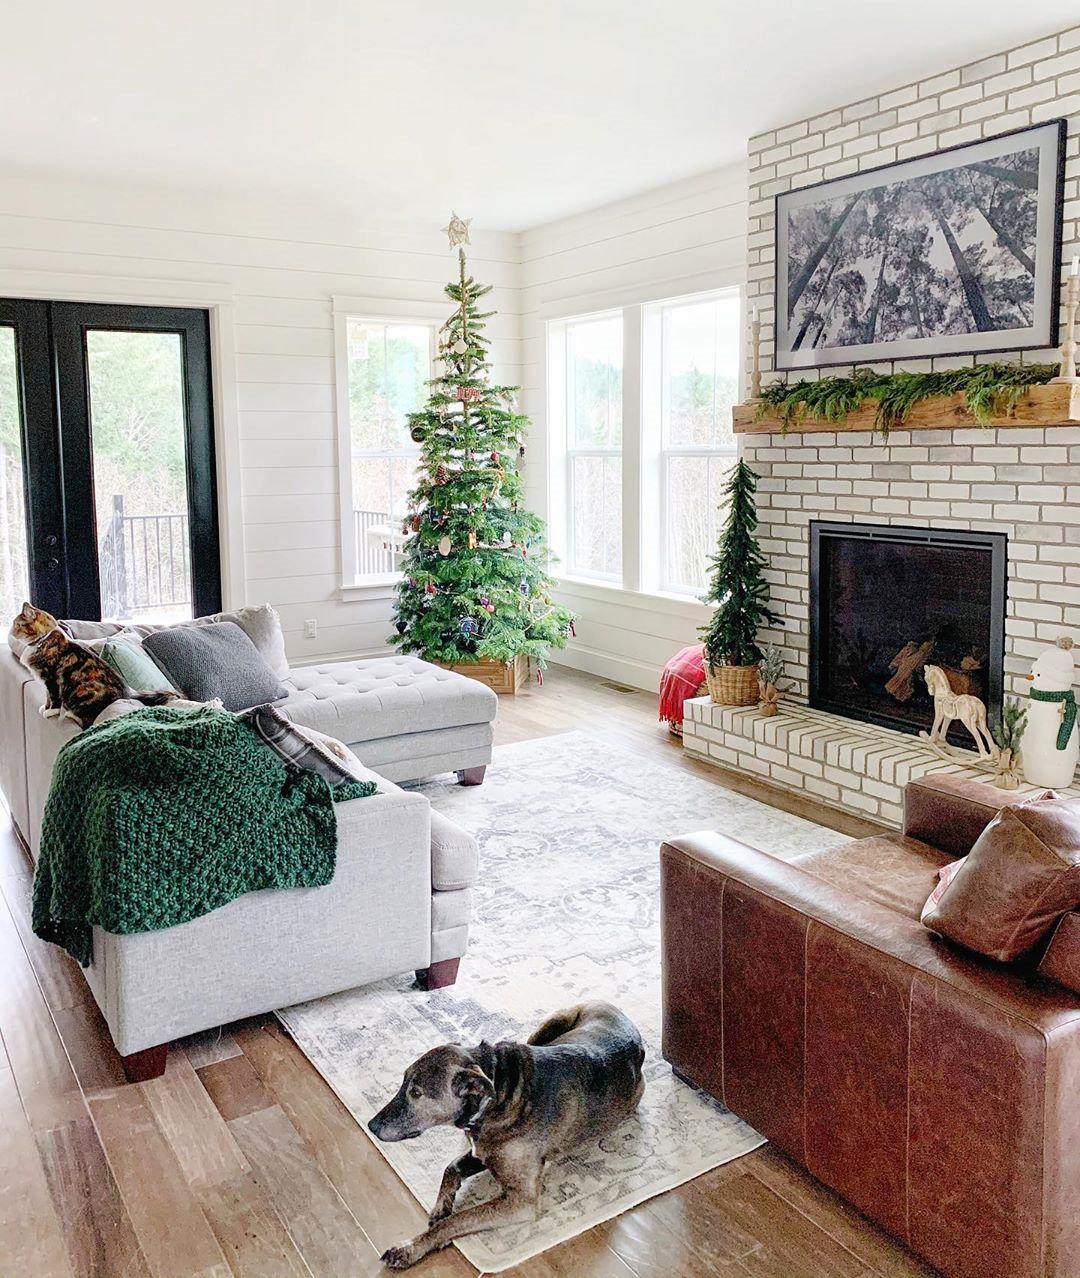 60+ Inspiring Christmas Home Decor Ideas, christmas home decor, christmas home decor ideas, christmas home decorations